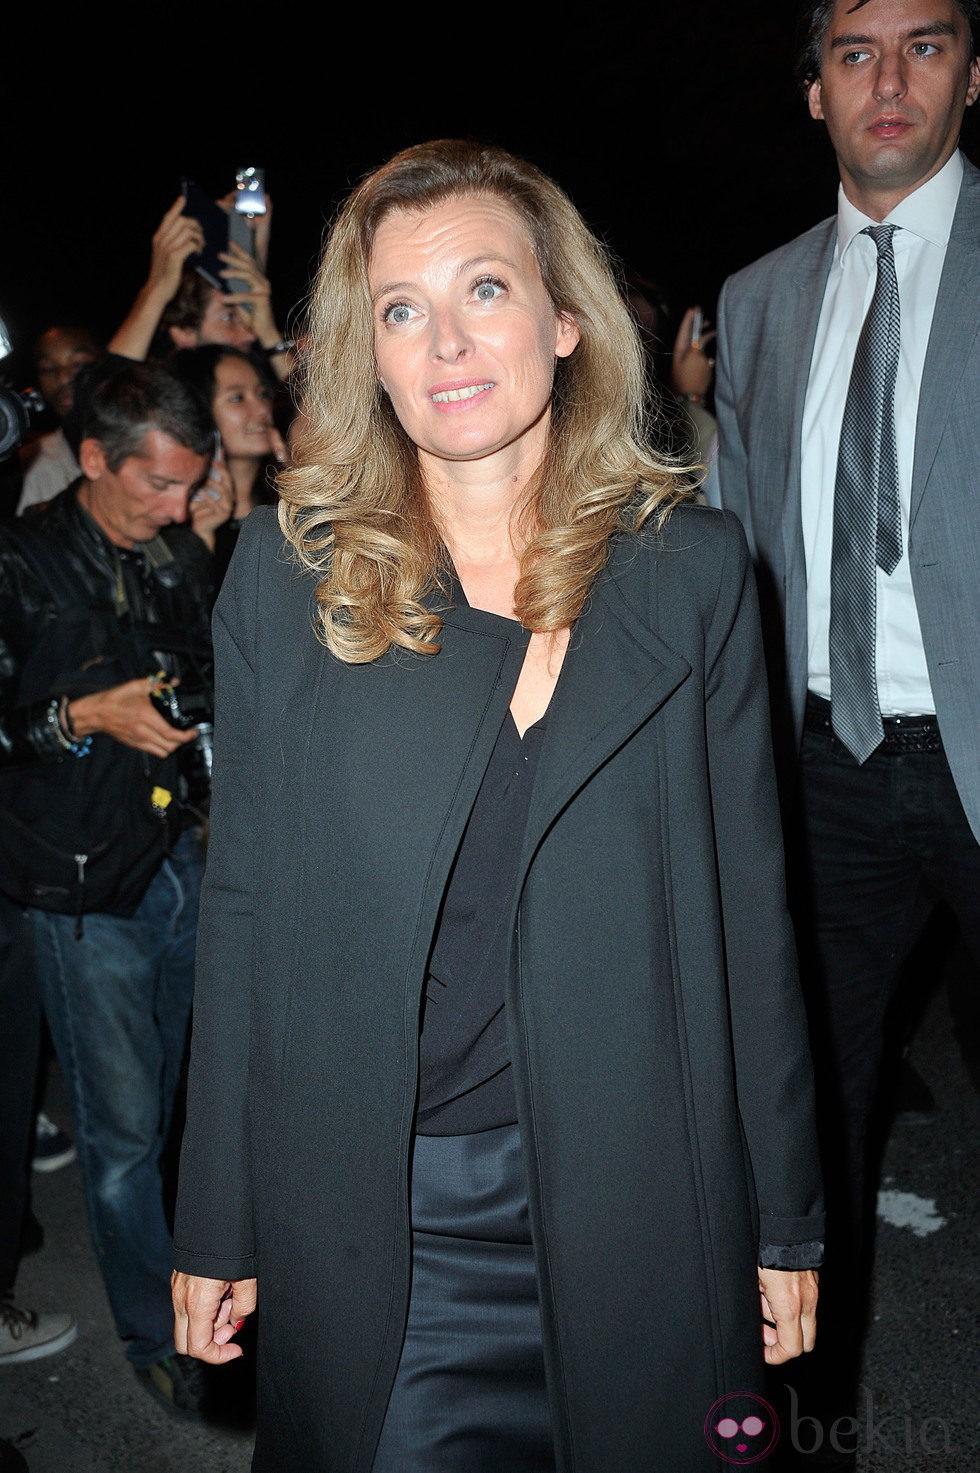 Valérie Trierweiler en el desfile de Yves Saint Laurent en la Semana de la Moda de París primavera/verano 2014